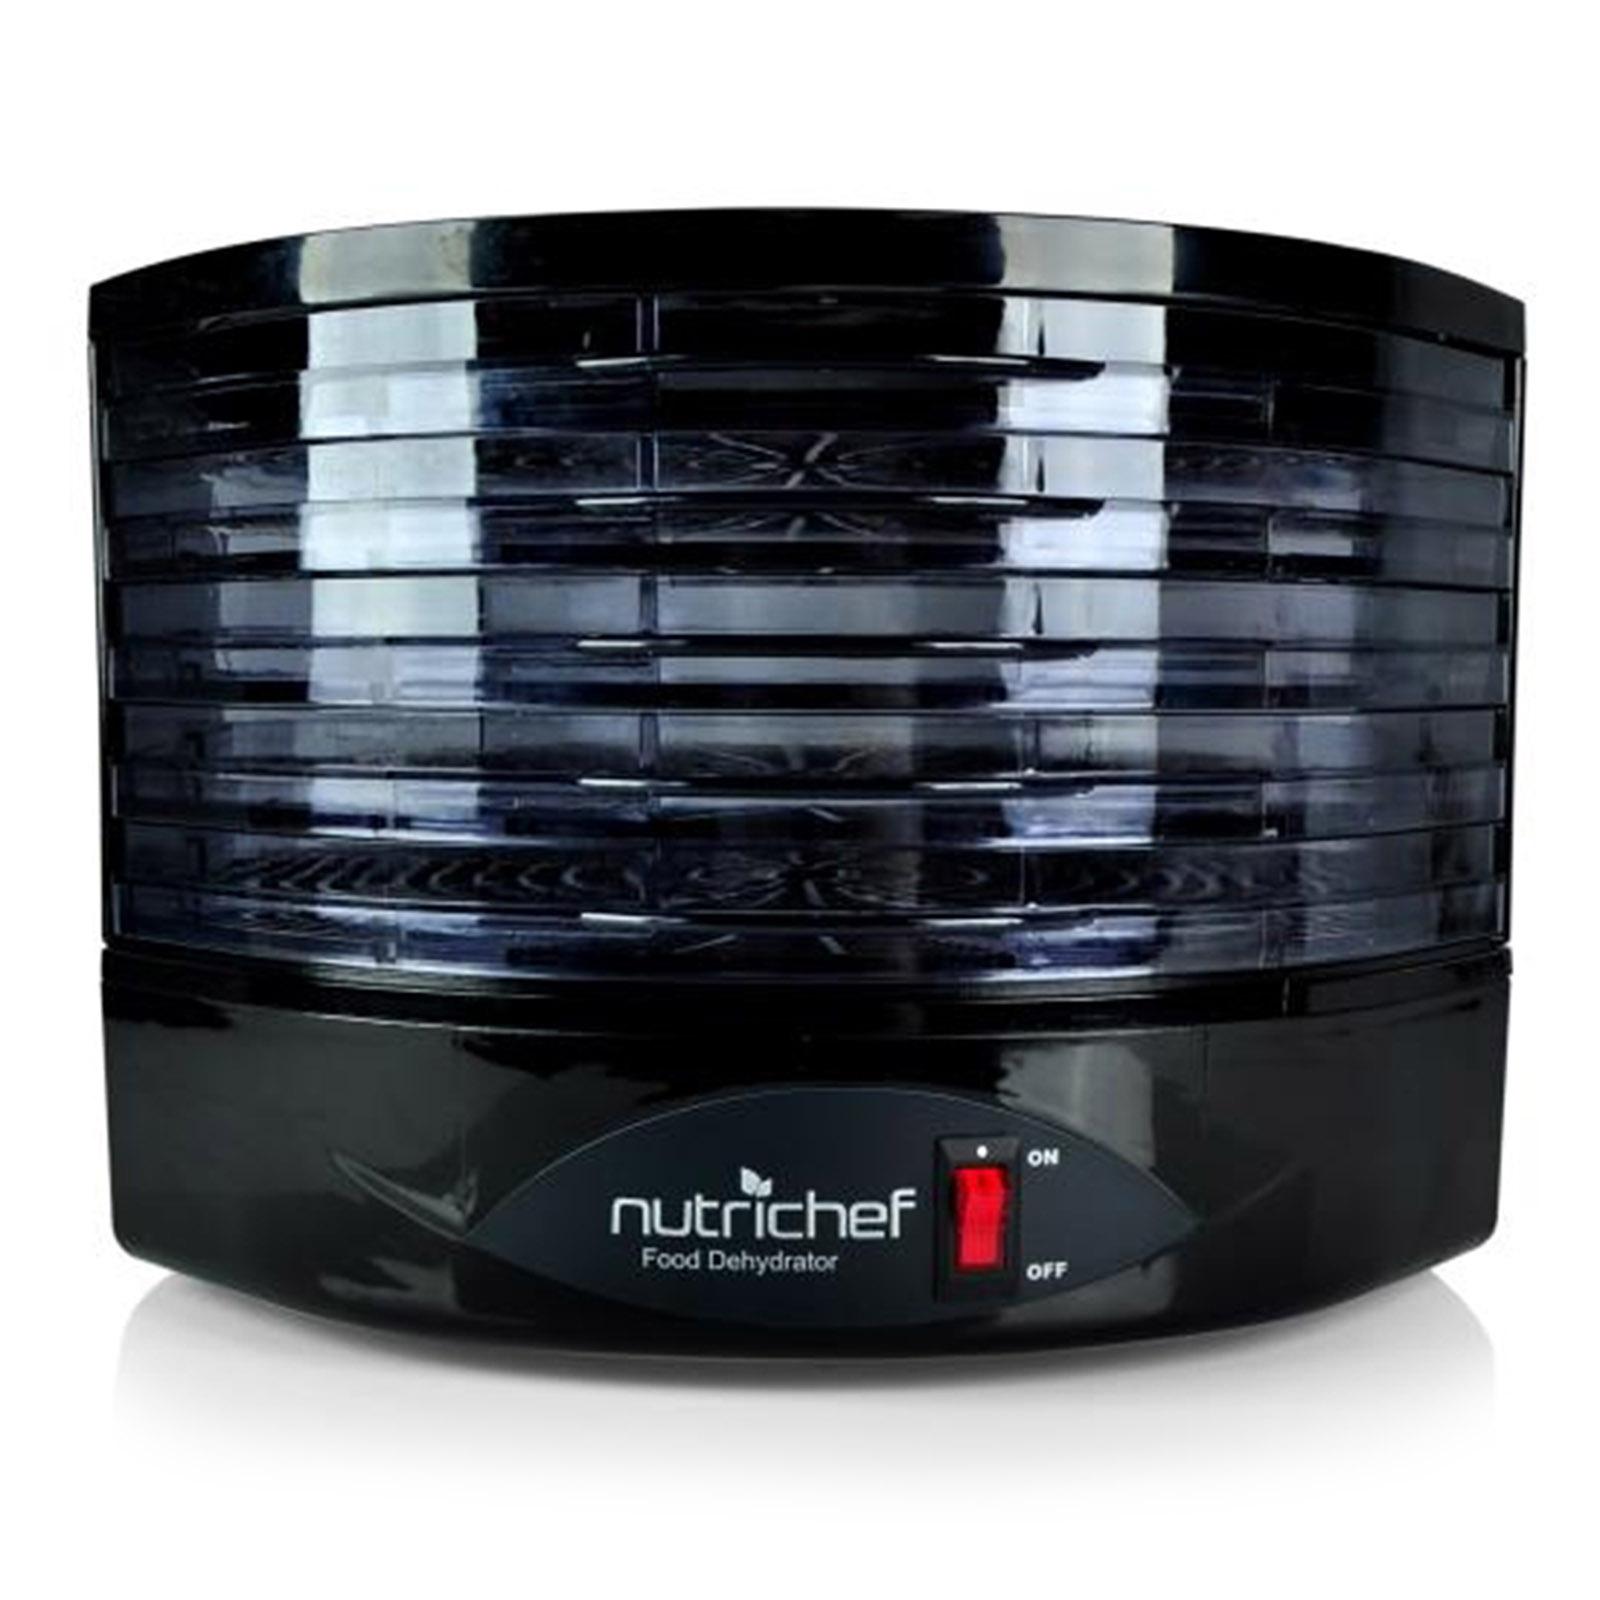 NutriChef Food Dehydrator - Electric Kitchen Dehydrator-Black